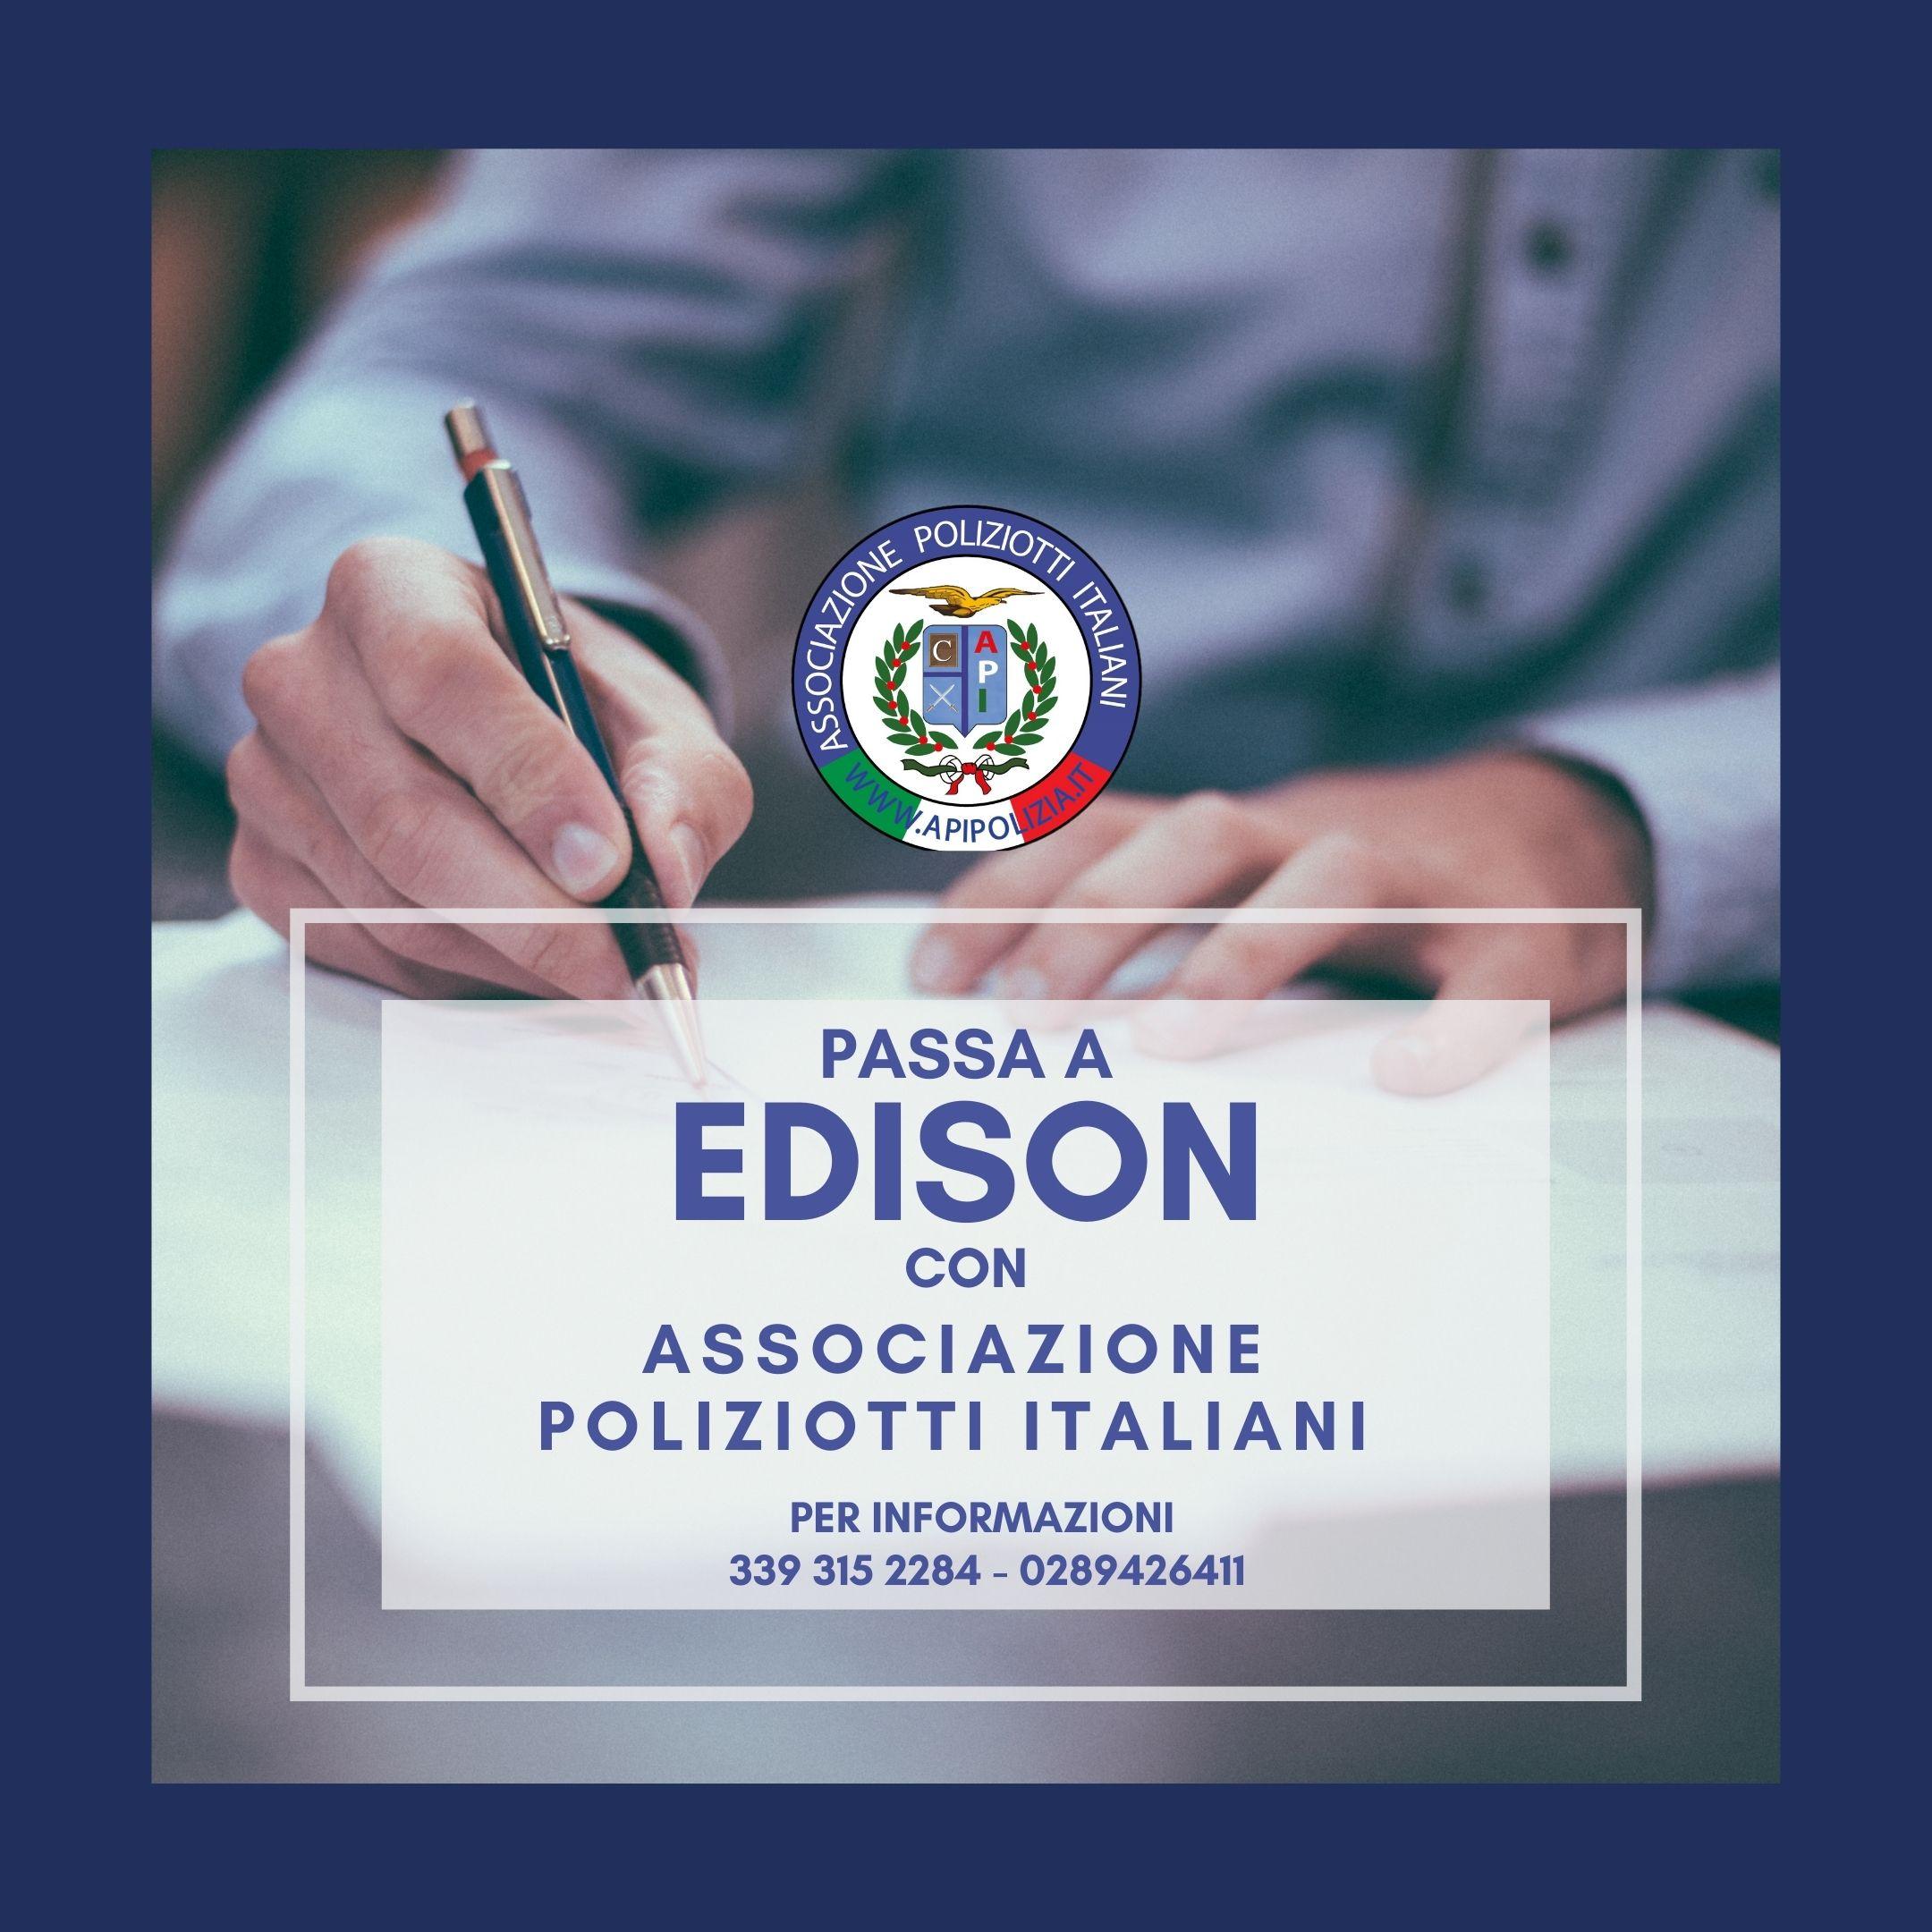 edison luce e gas con l'associazione poliziotti italiani